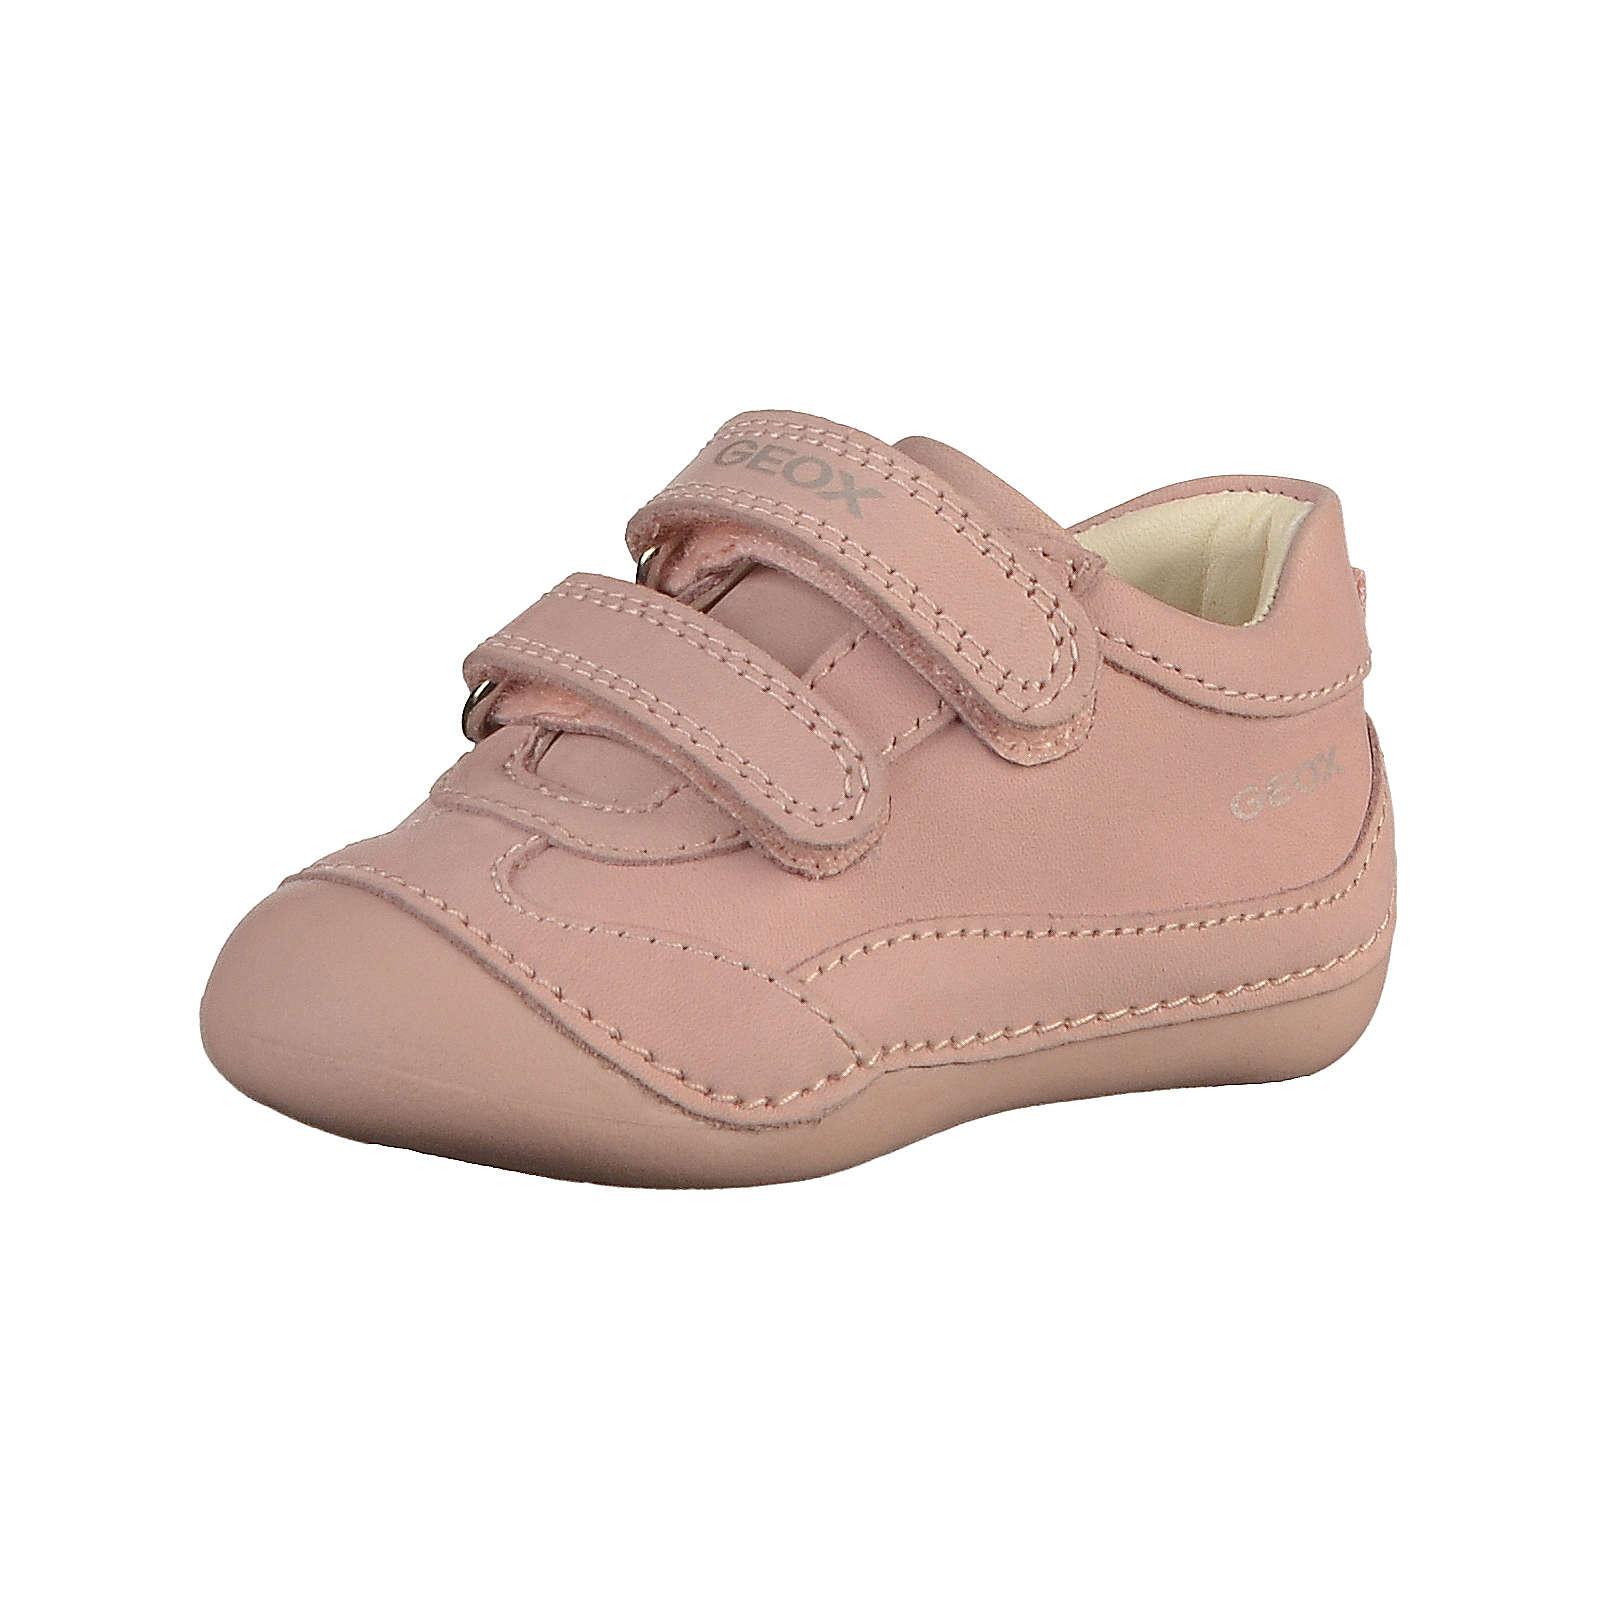 GEOX Baby Halbschuhe für Mädchen rosa Mädchen Gr. 21